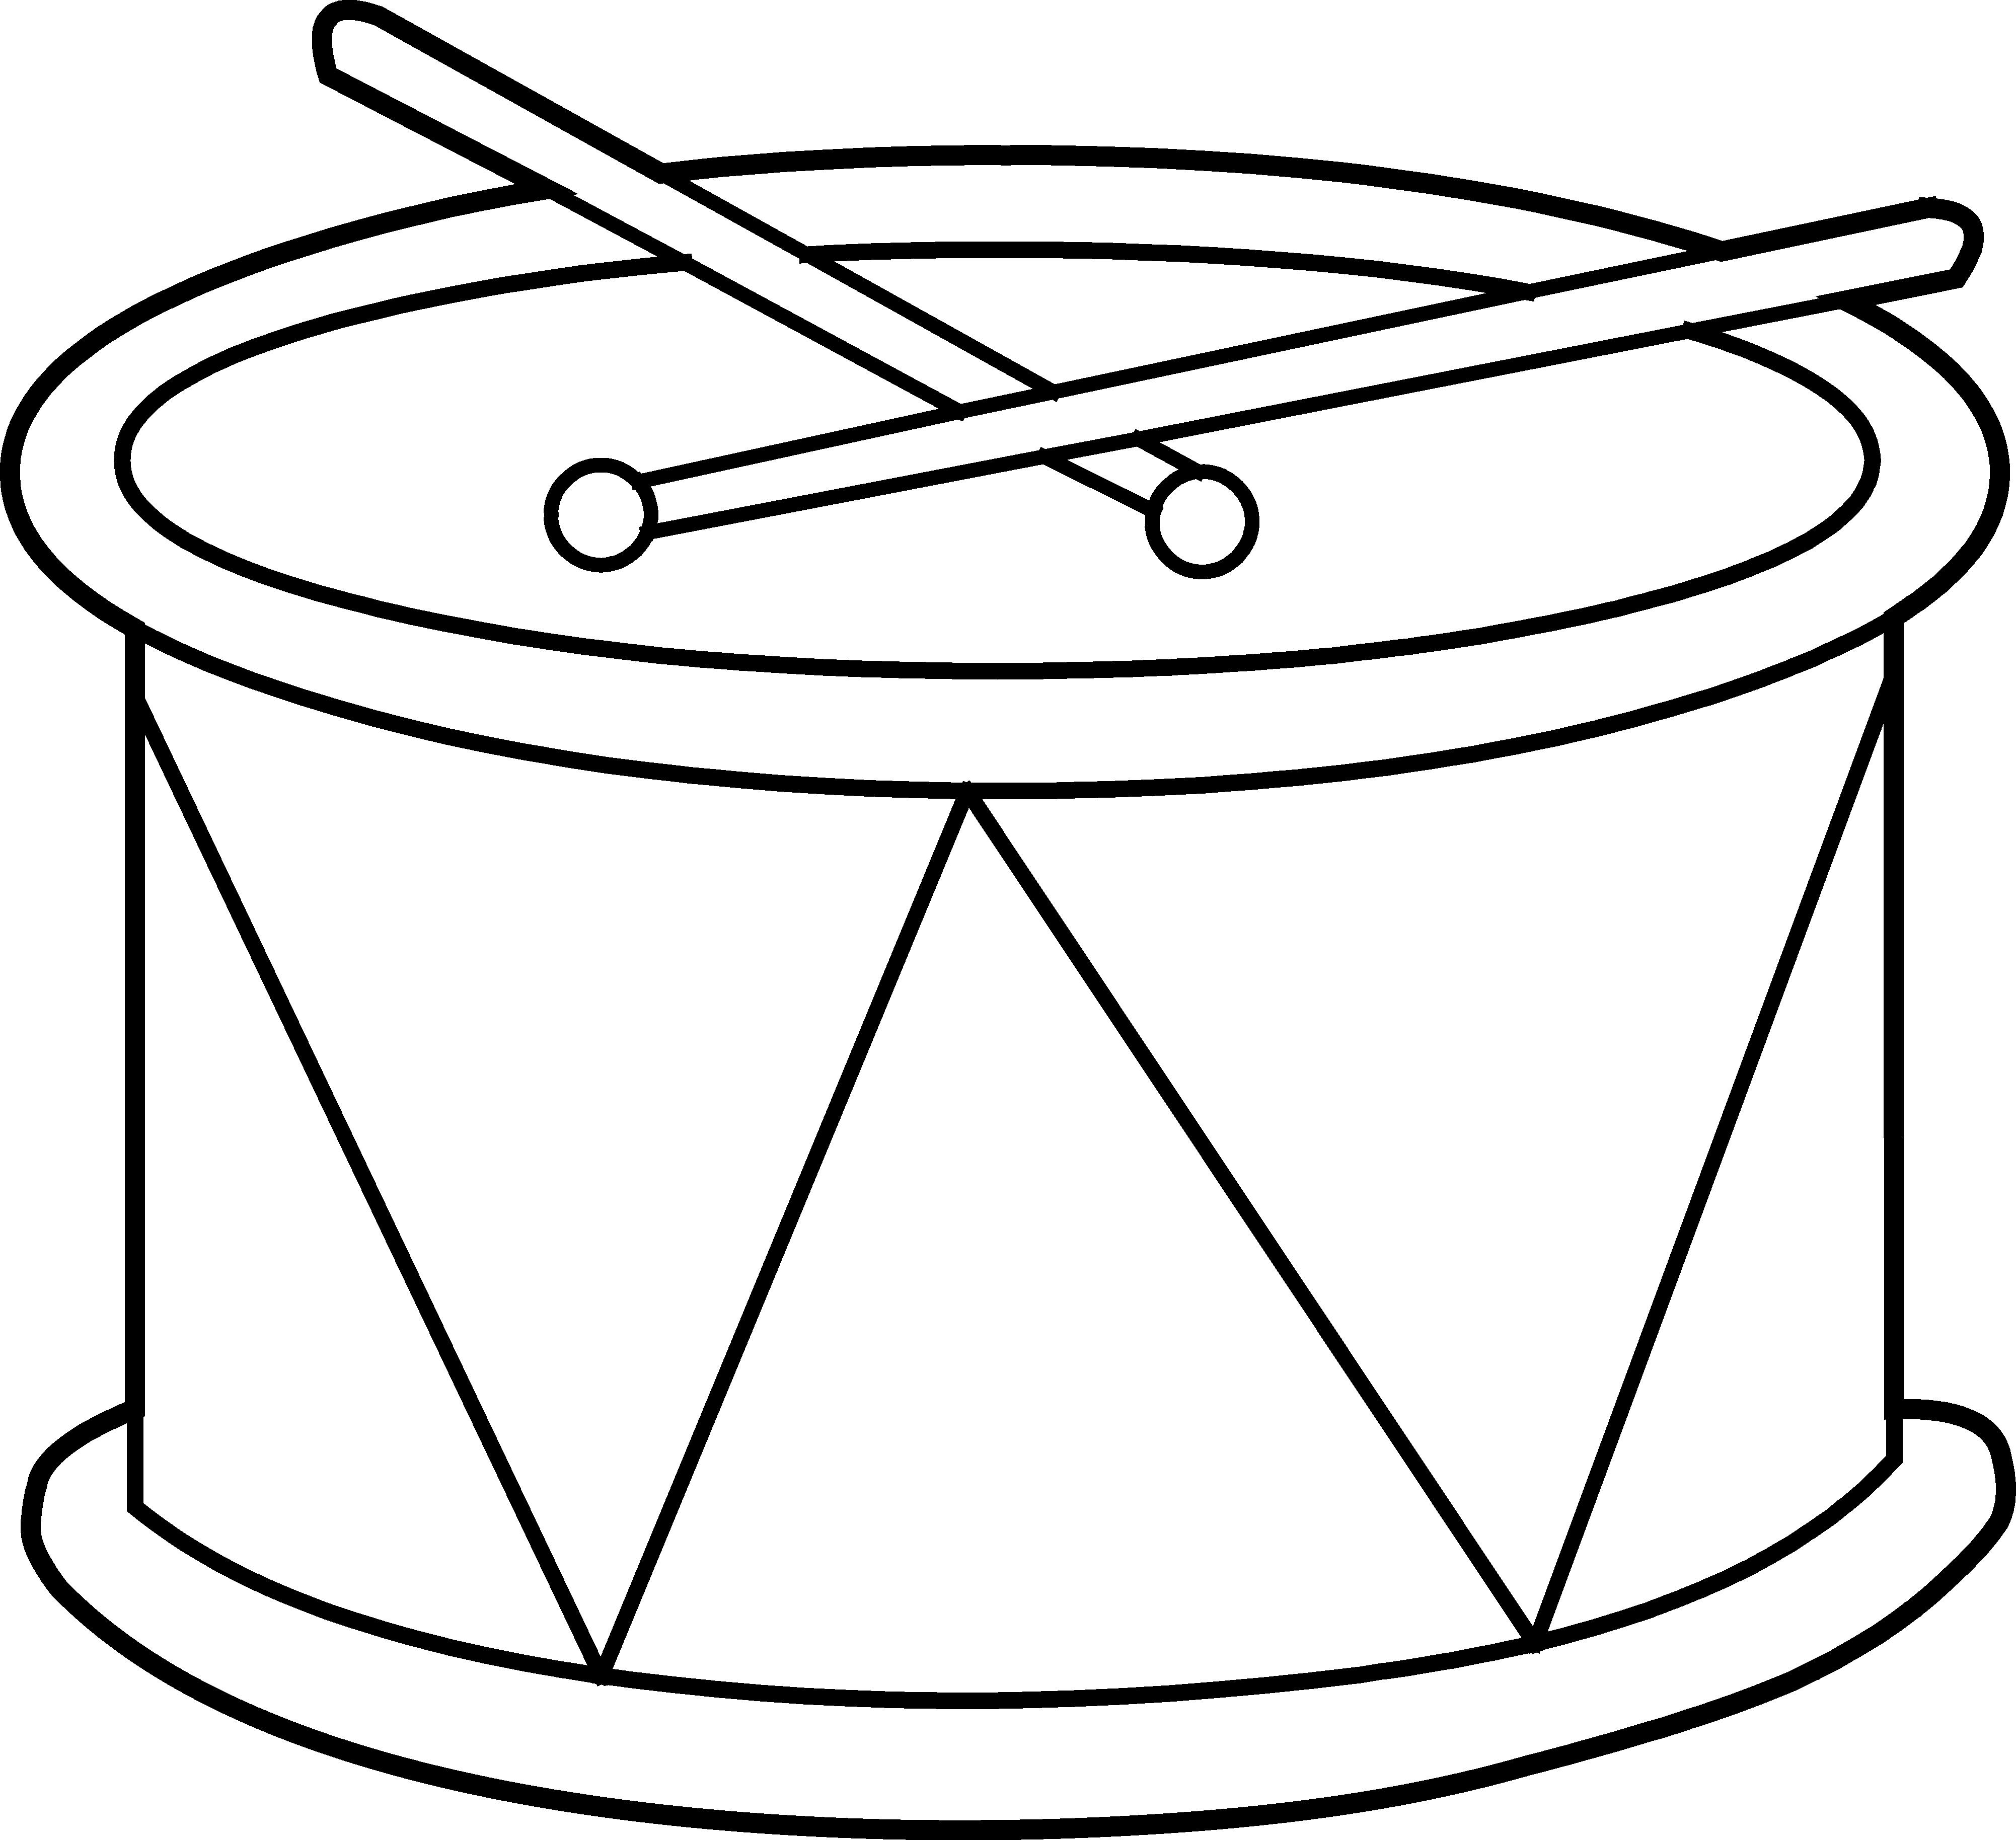 Snare drum drum clipart images